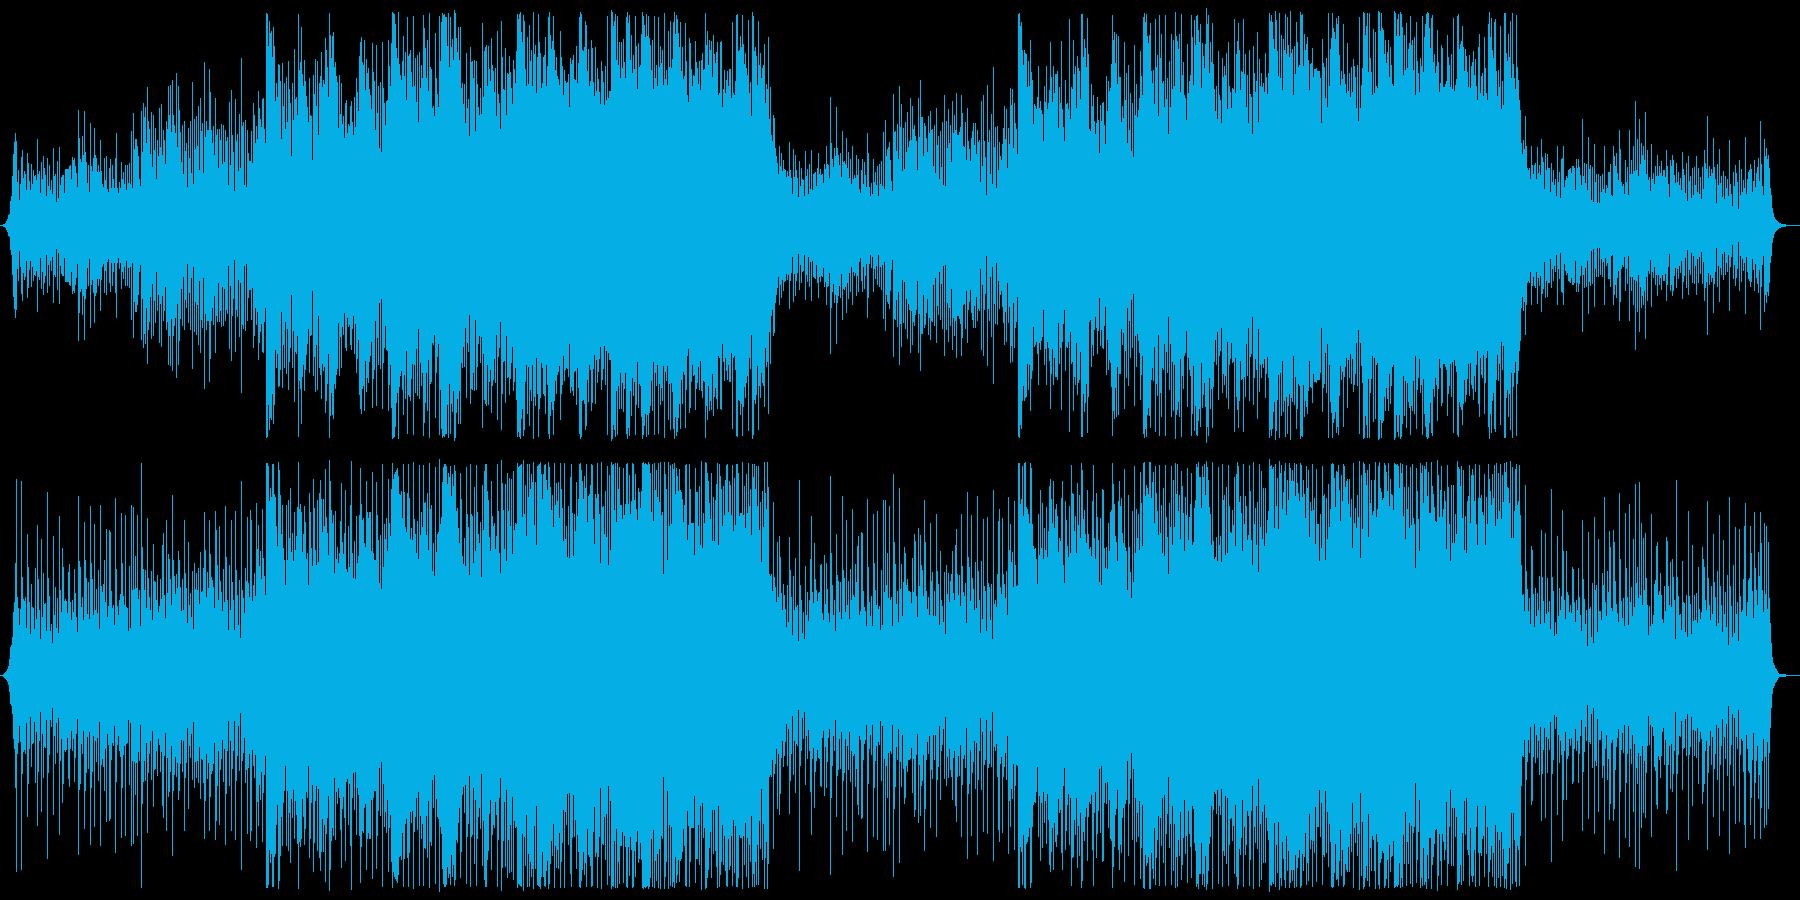 【ドラム・メロディ抜き】透明感のある企業の再生済みの波形